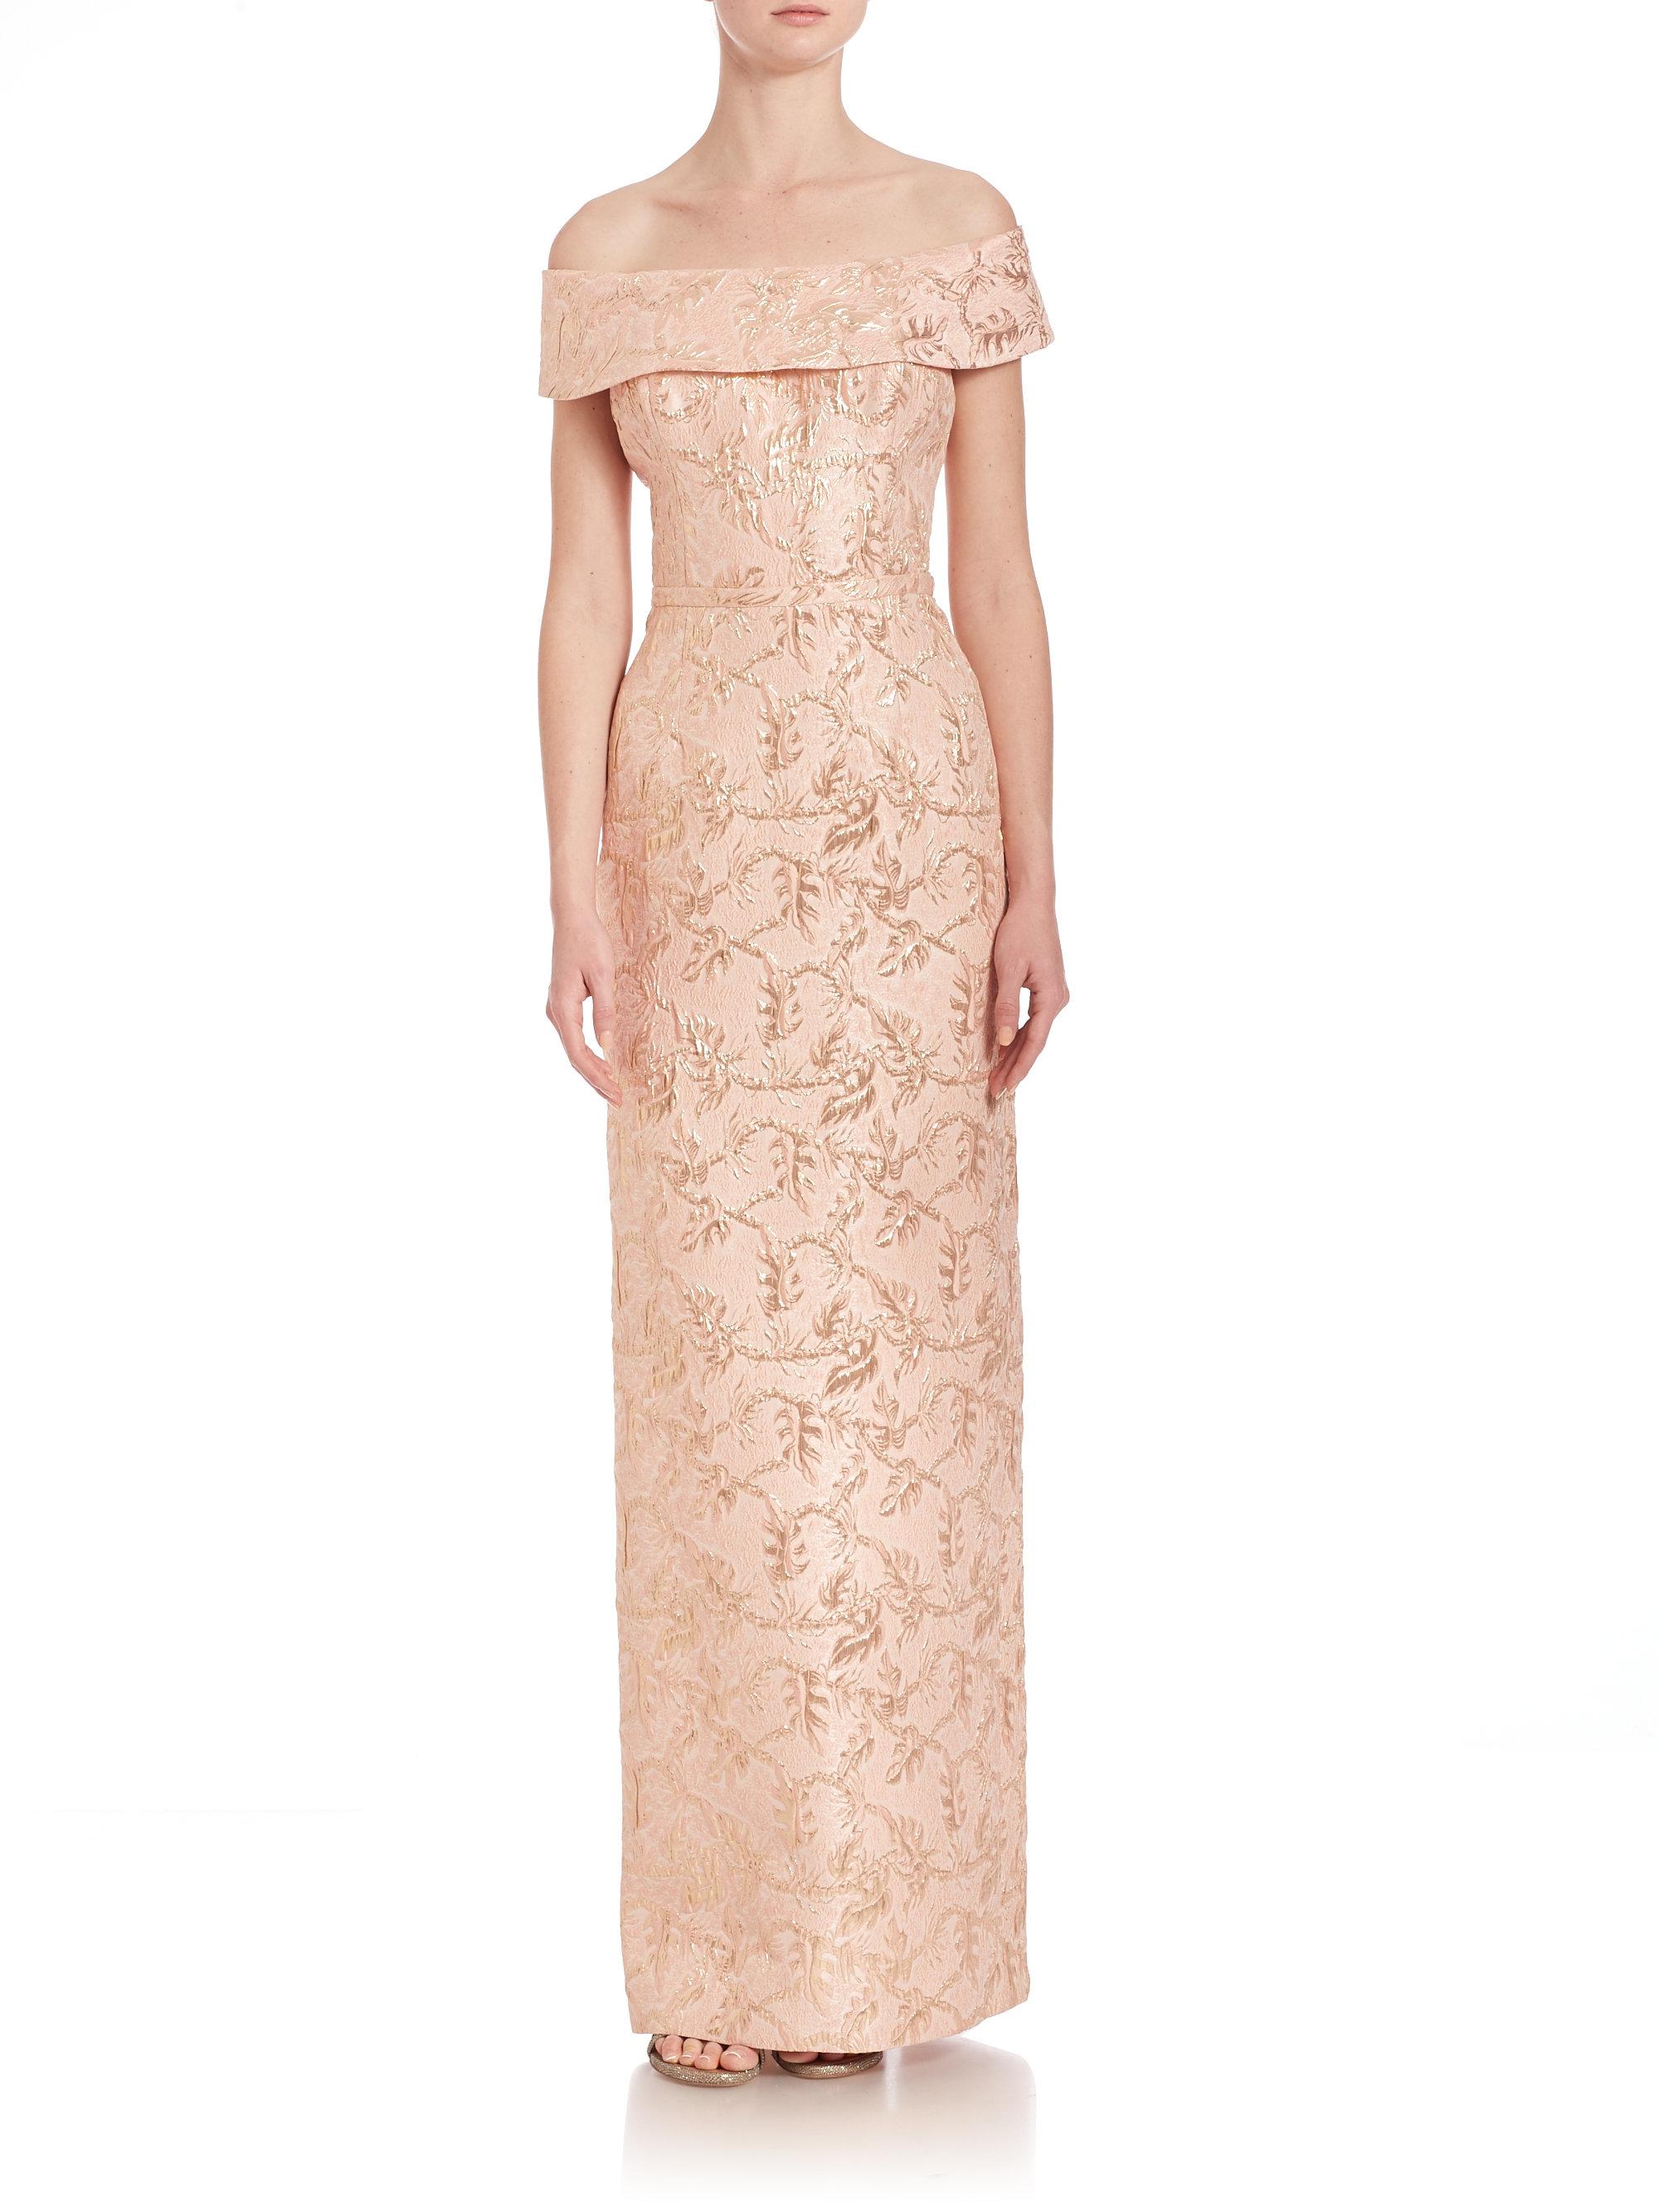 Teri Jon Shoulder Ruffle Dress – fashion dresses